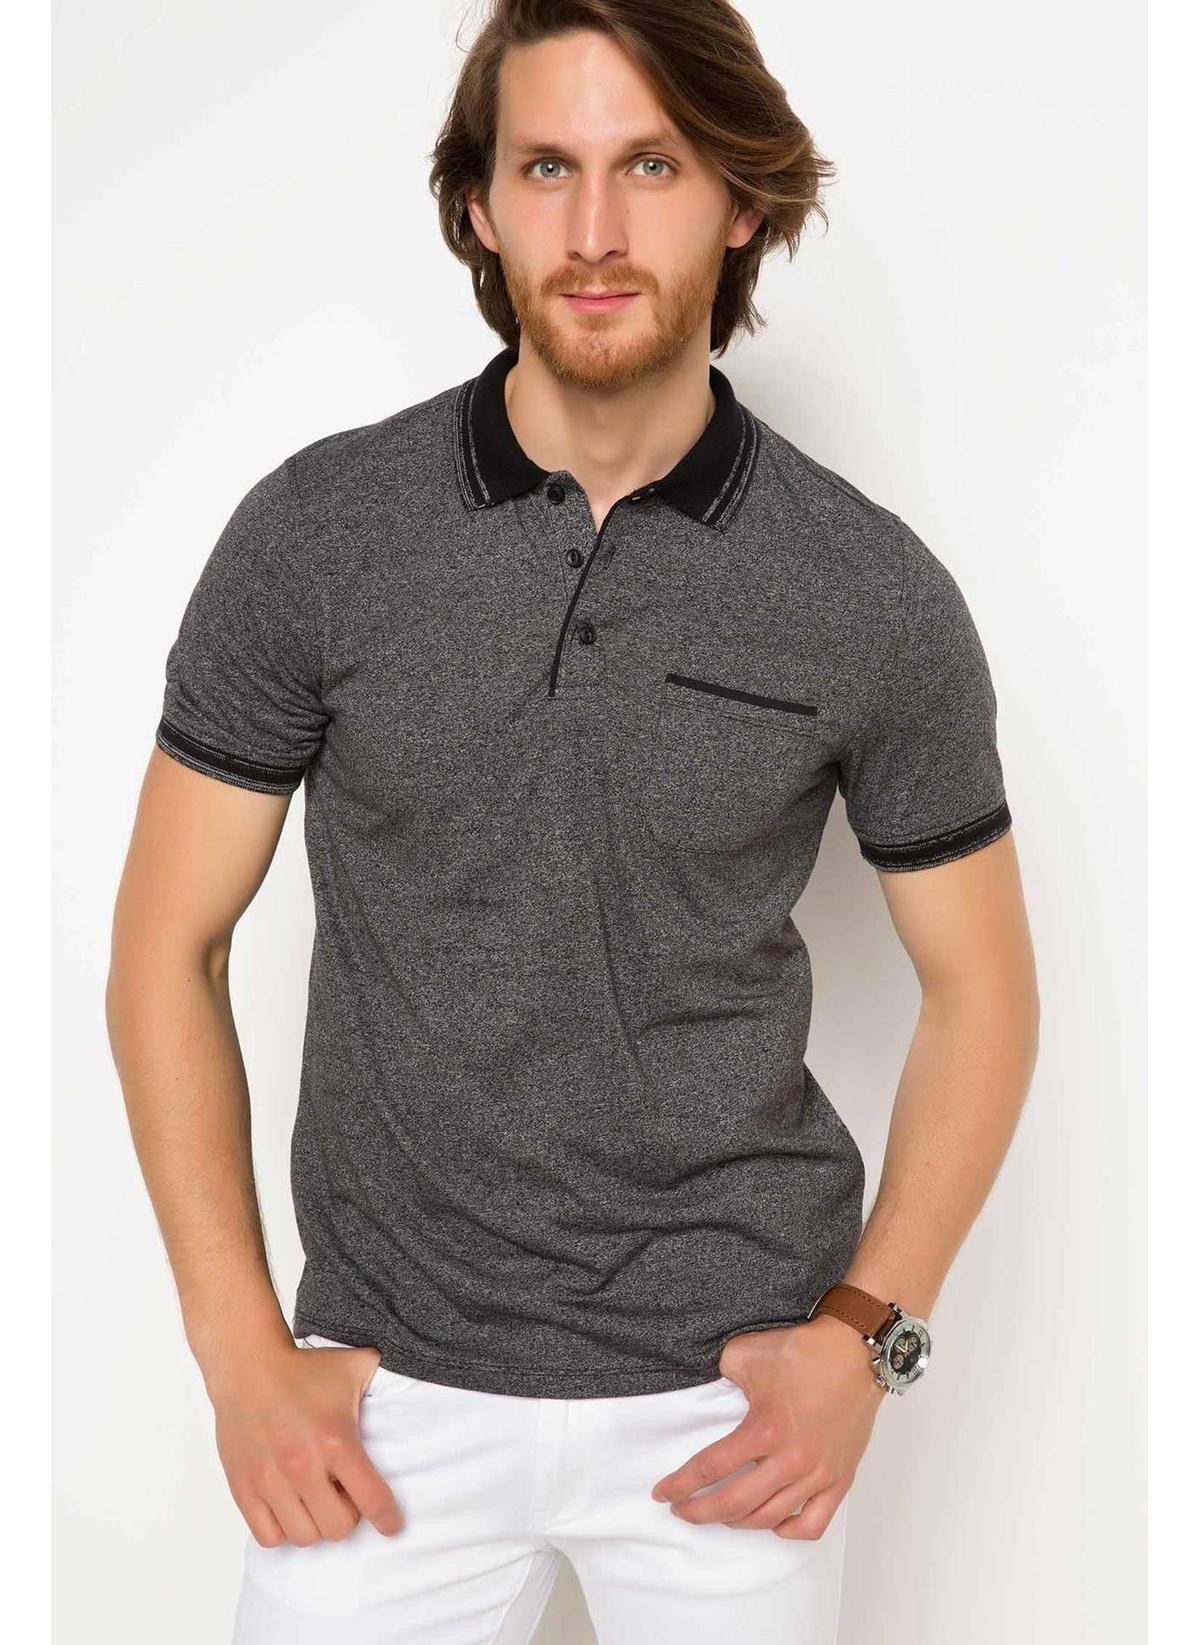 Defacto Cepli Polo T-shirt G9151az17smbk27t-shirt – 24.99 TL